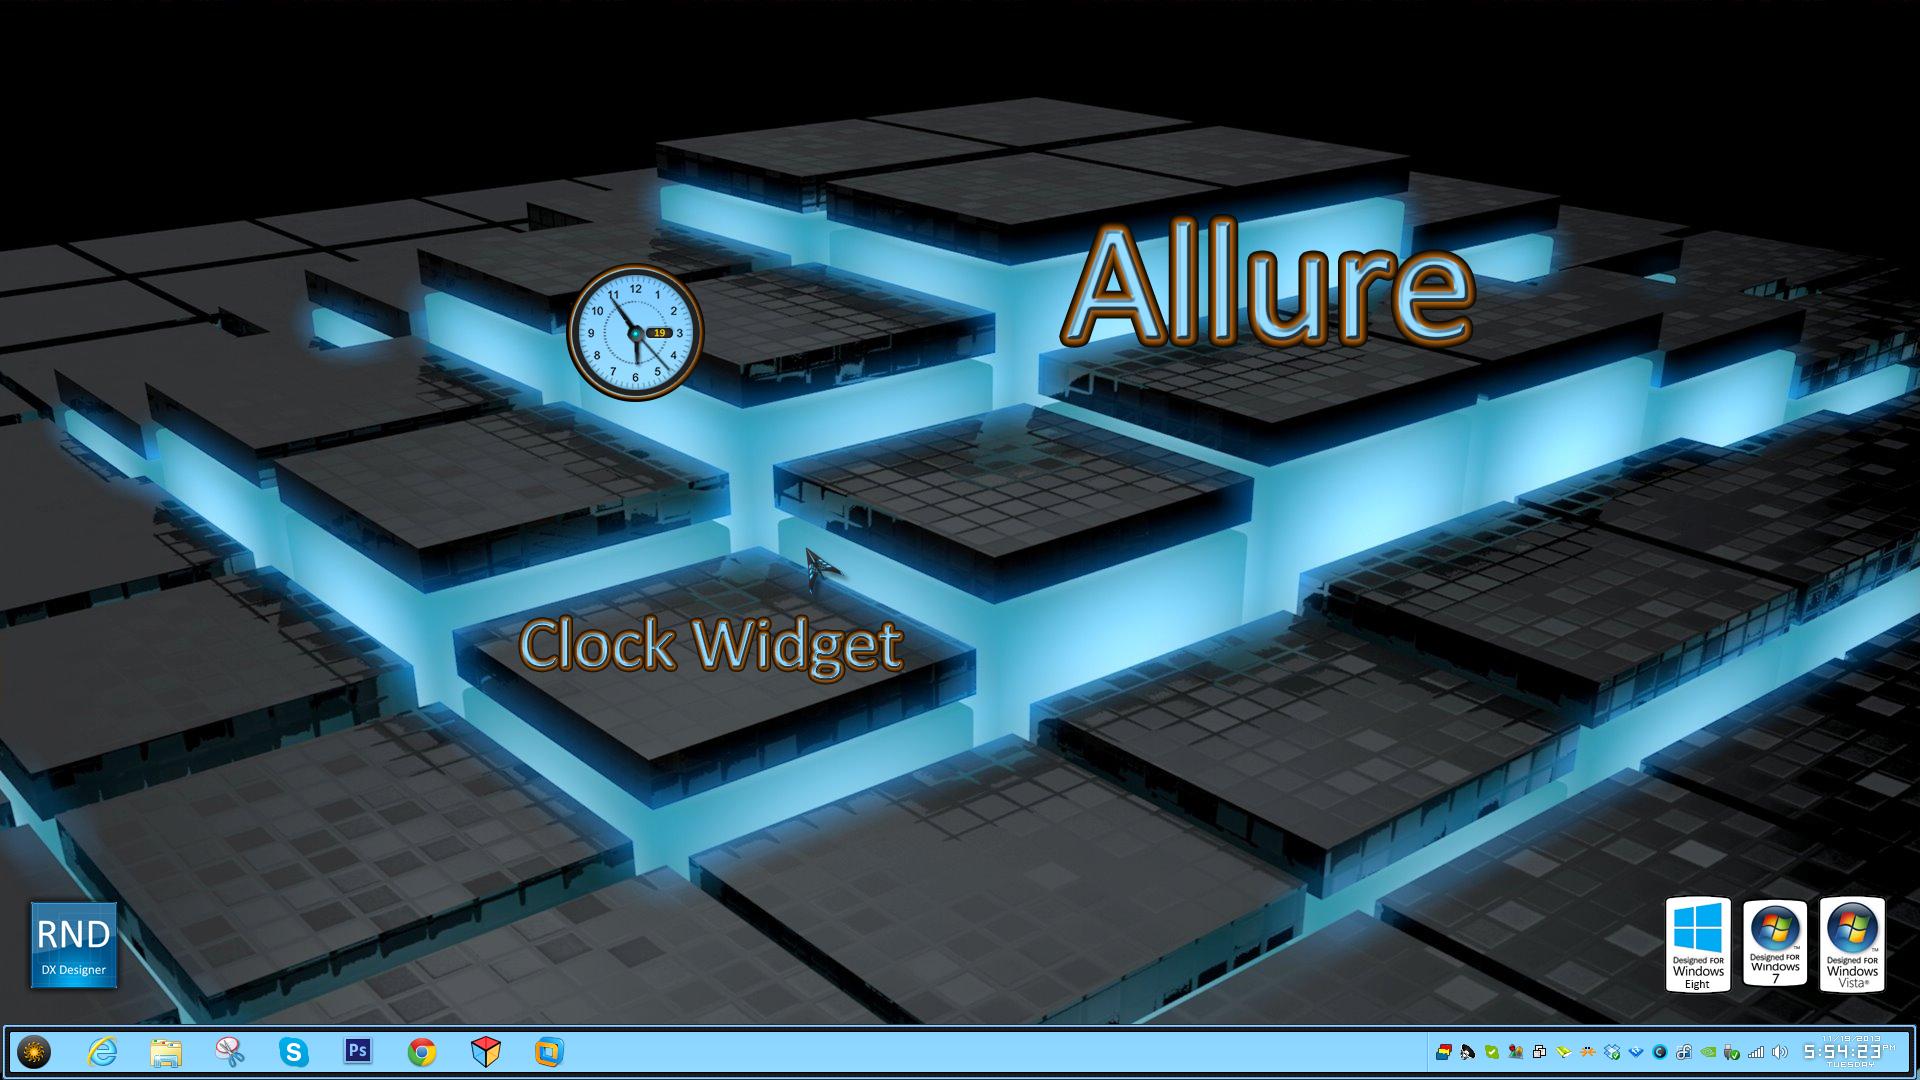 Allure Clock